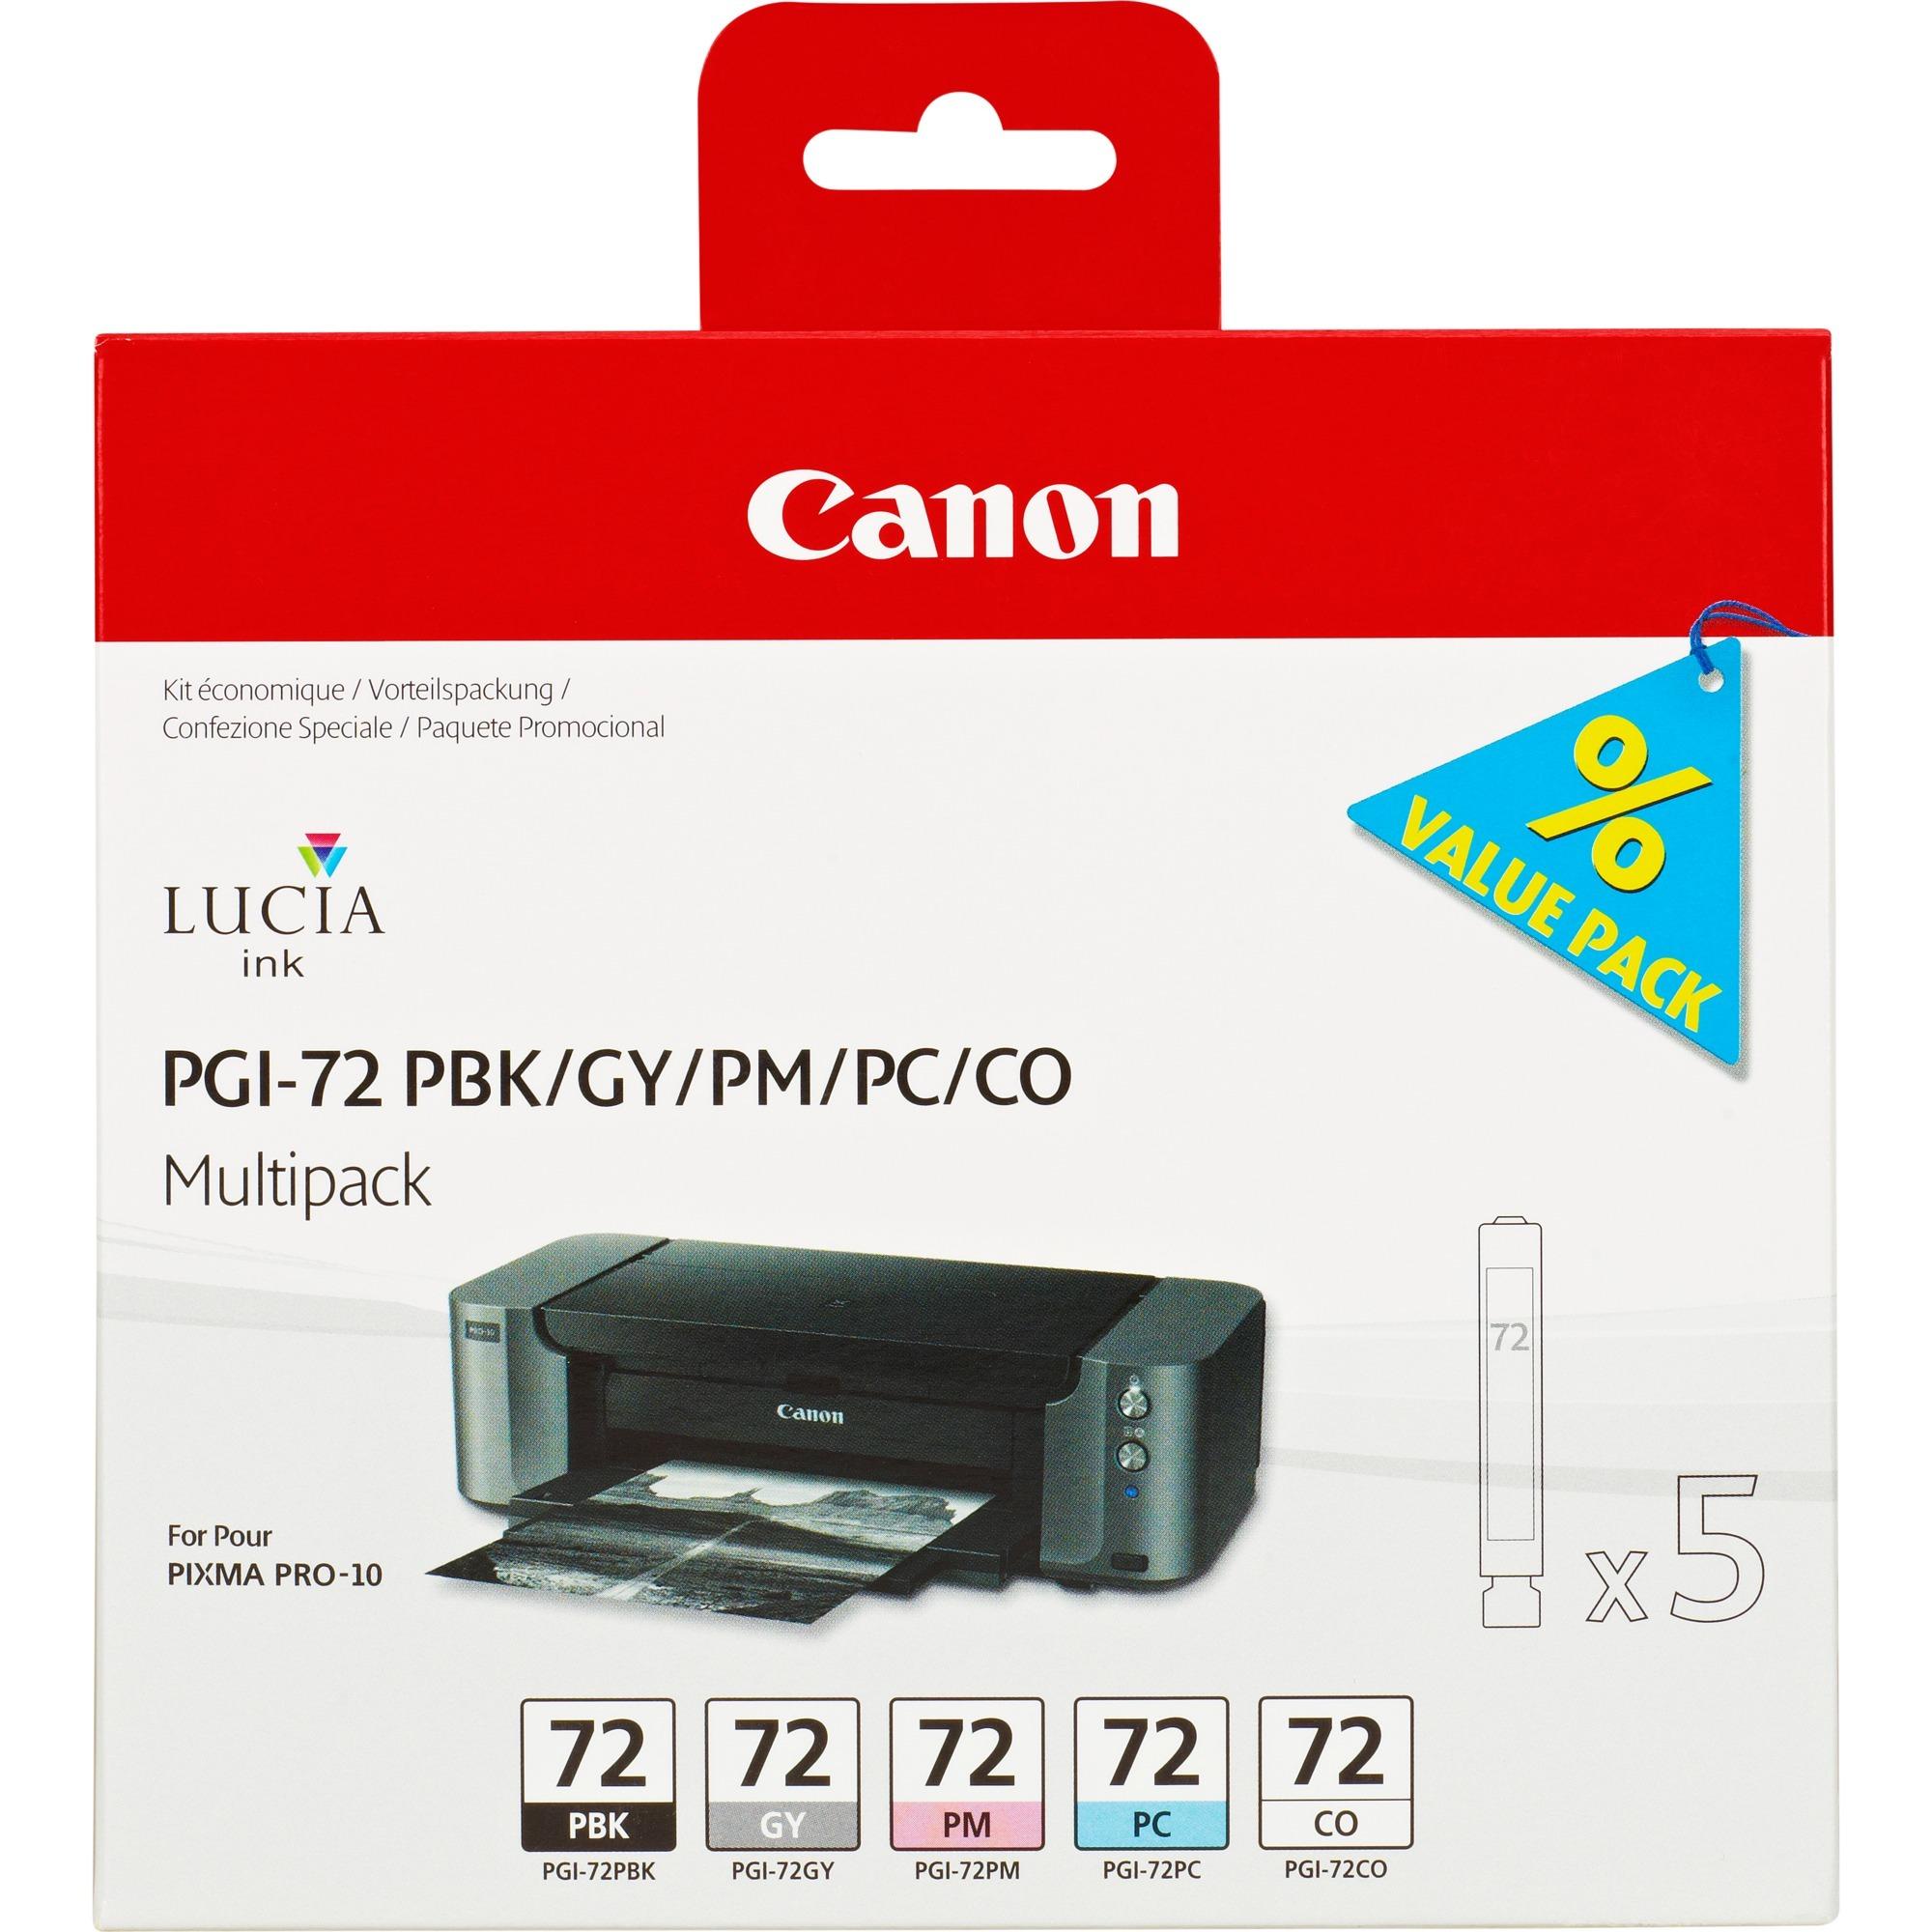 PGI-72 PBK/GY/PM/PC/CO Gris, Photo noire, Photo cyan, Photo magenta cartouche d'encre